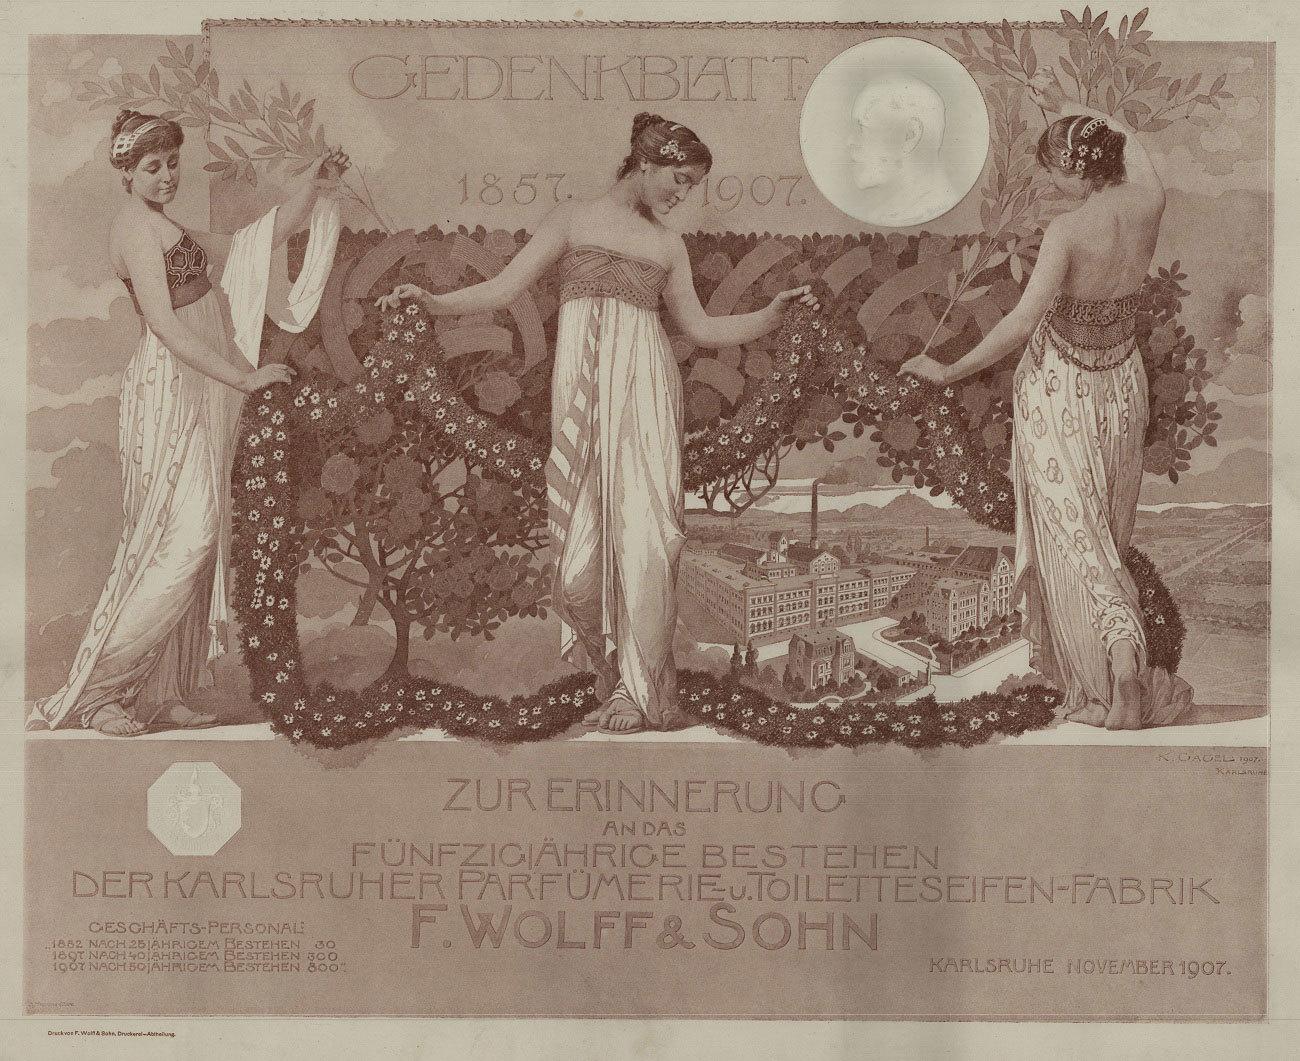 Gedenkblatt 50 Jahre Wolff und Sohn, 1907